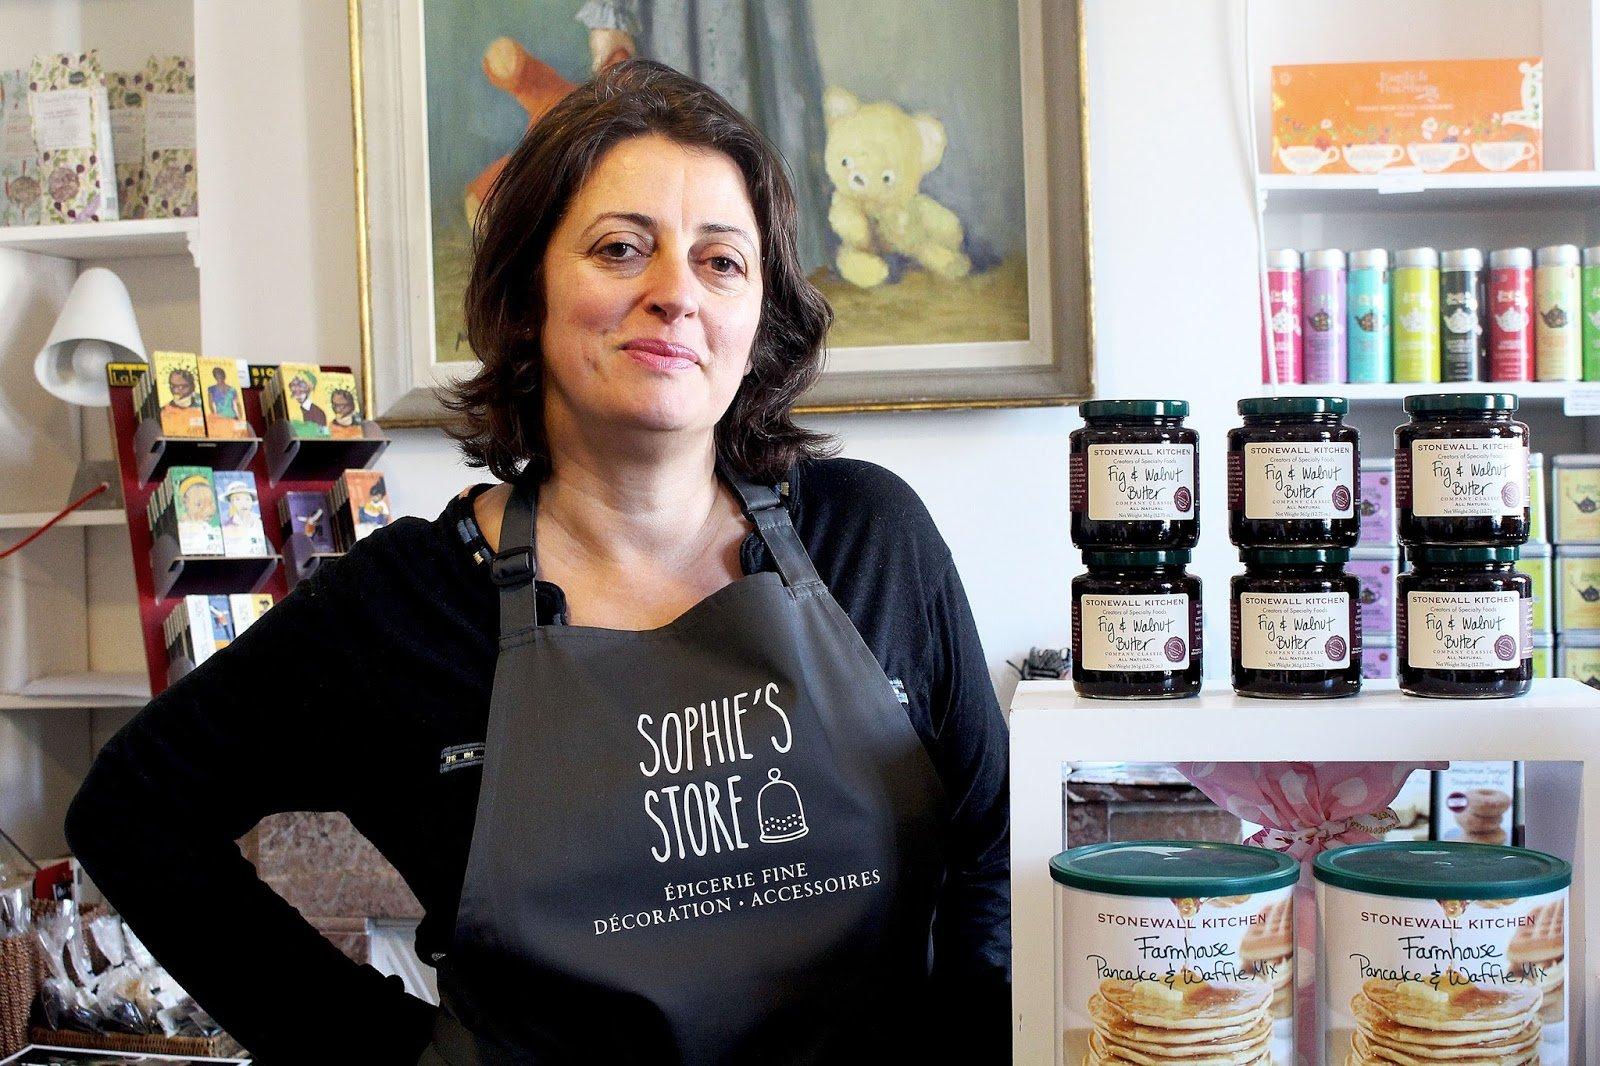 Sophie's Store épicerie fi ne anglaise Bordeaux